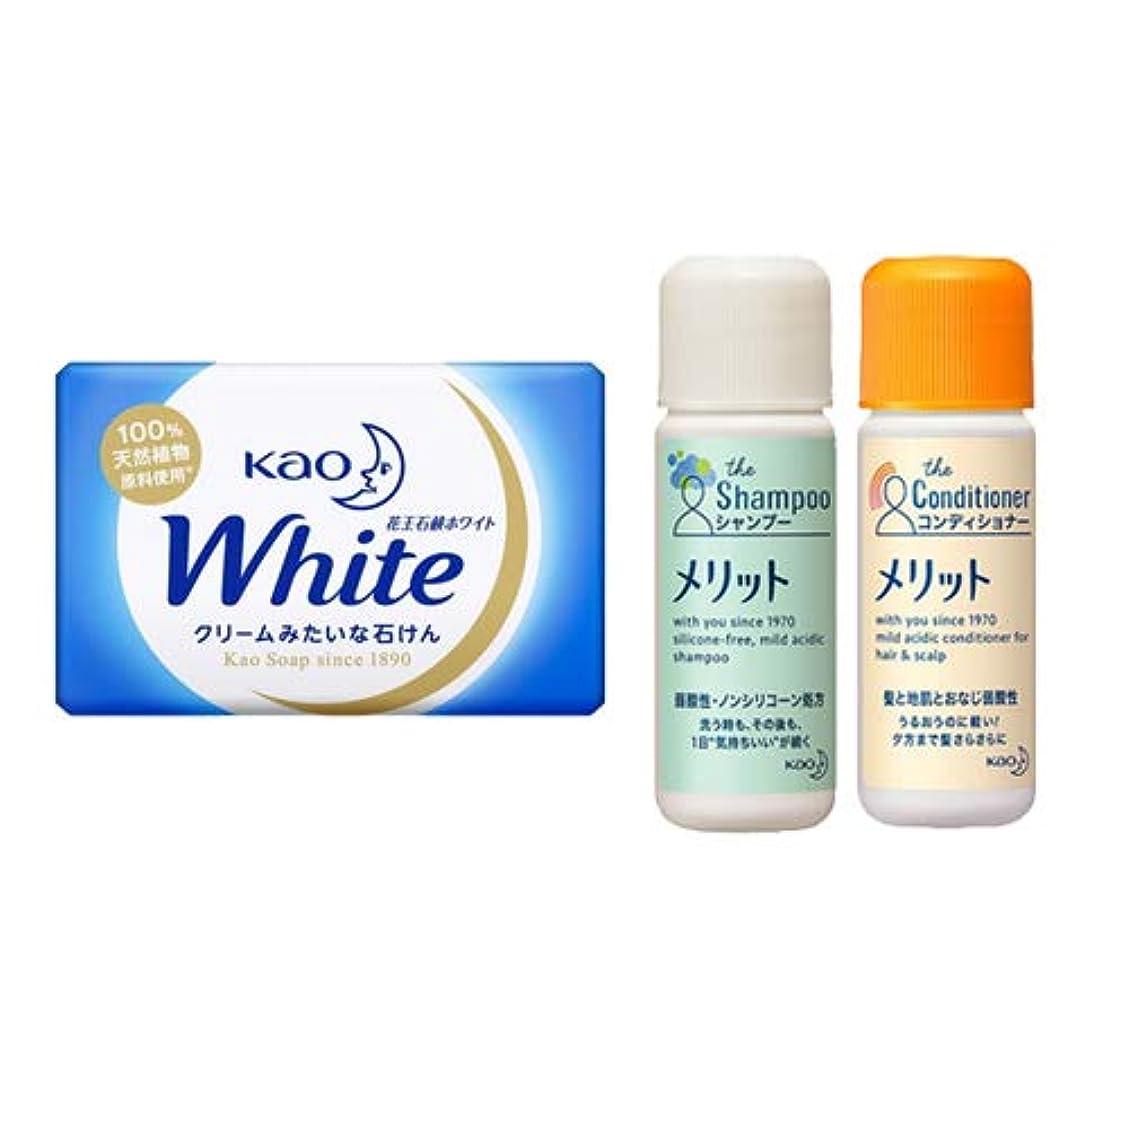 モバイル団結する放棄花王(KAO) 石鹸ホワイト(Kao Soap White) 15g + メリットシャンプー 16ml + リンス 16ml セット